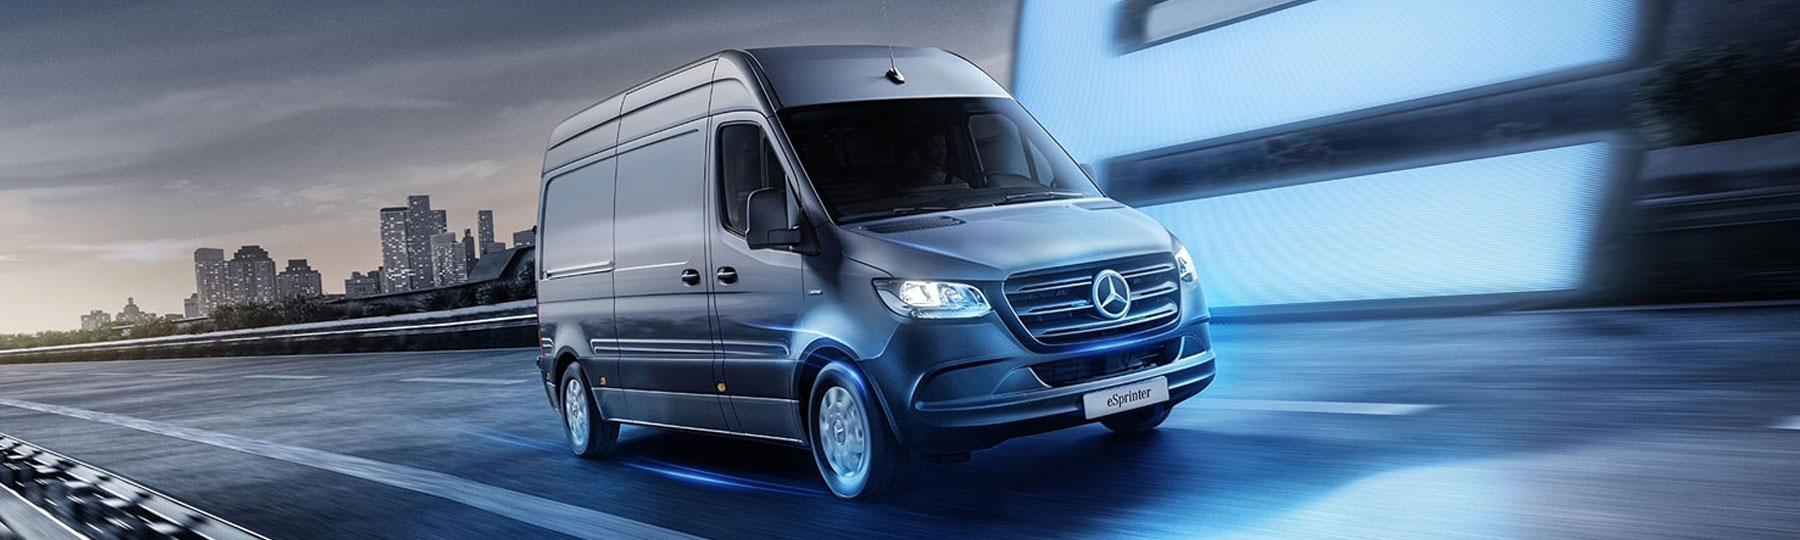 New Mercedes-Benz eSprinter New Van Offer